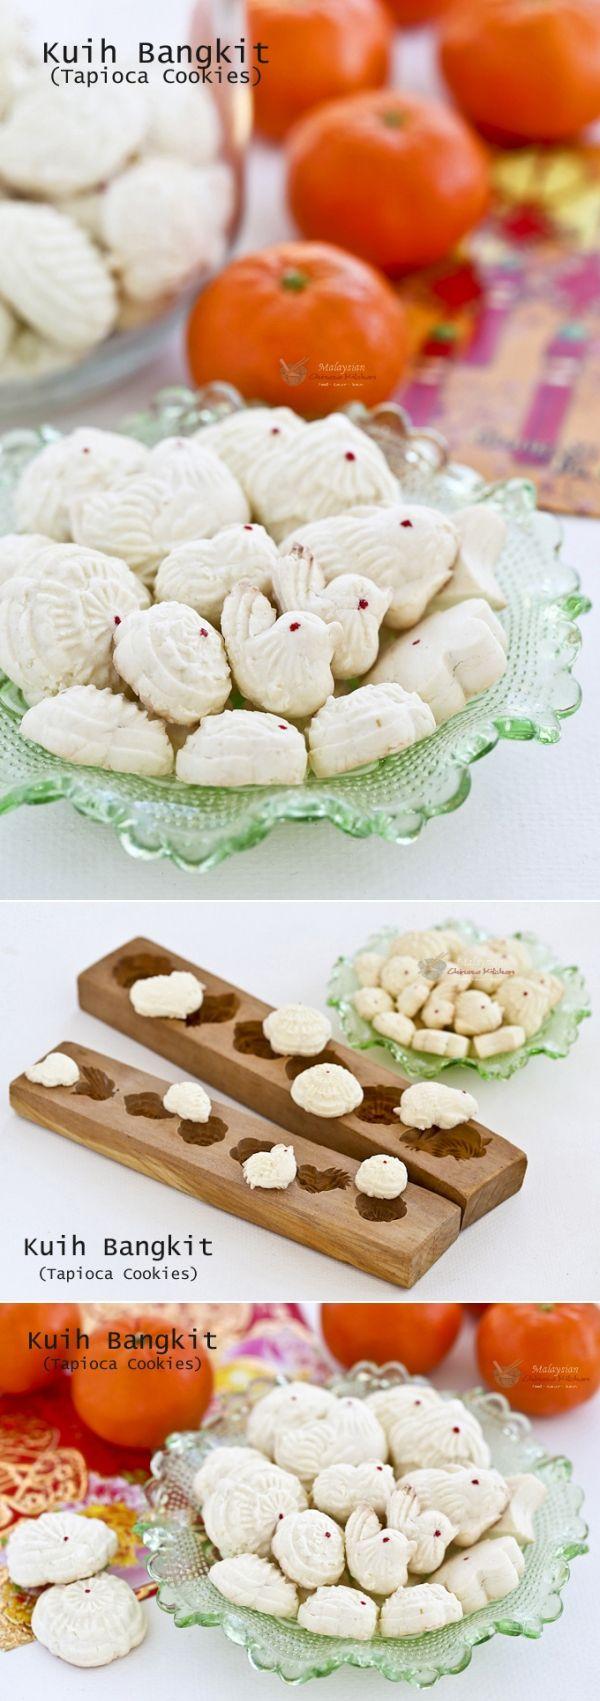 Kuih Bangkit (Tapioca Cookies) Receita Tapioca